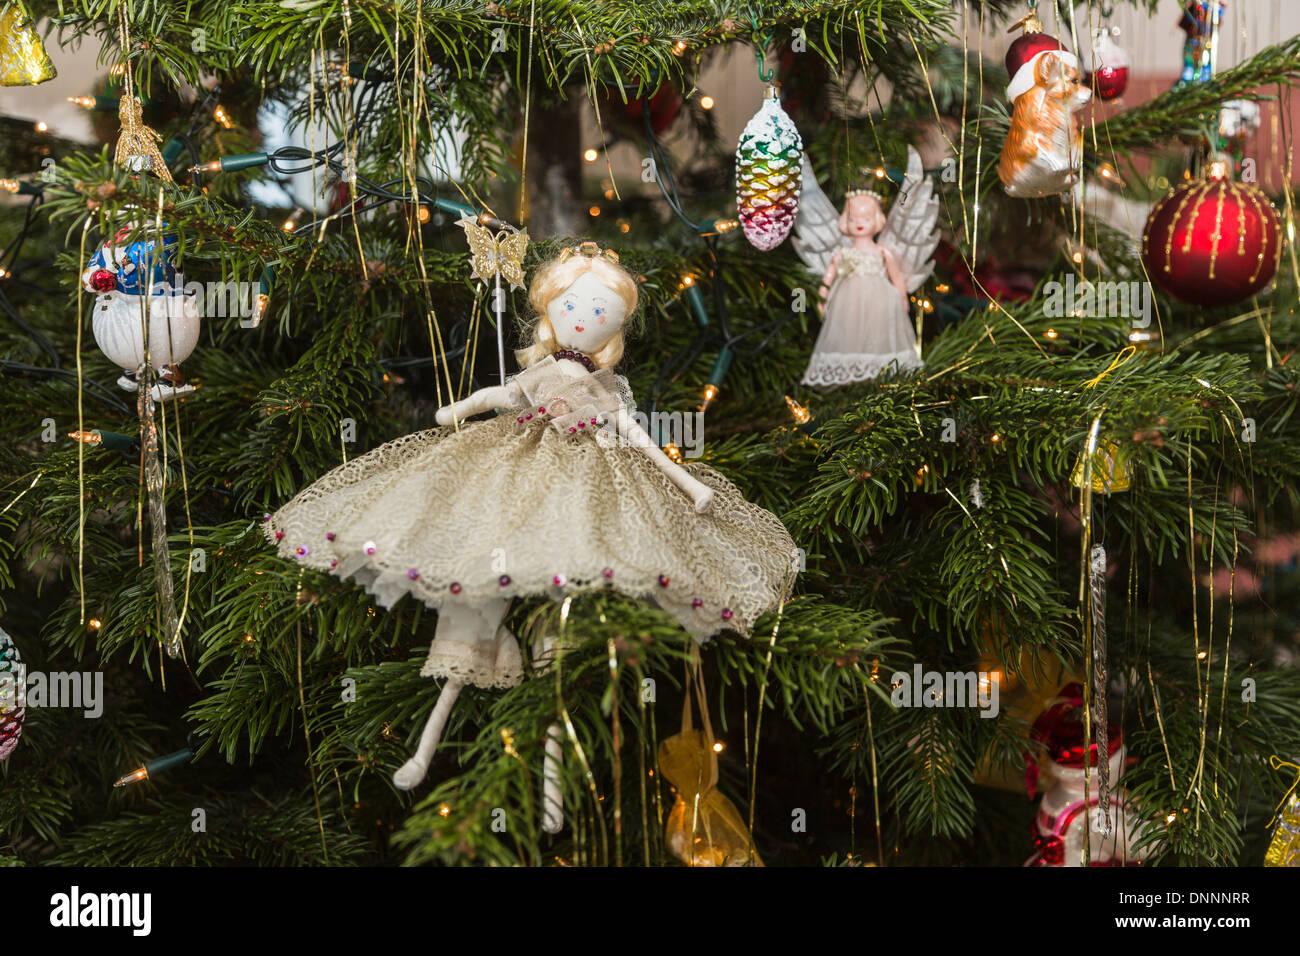 Natale Antico Immagini.Fatte A Mano Tradizionale Albero Di Natale Decorazione Fairy